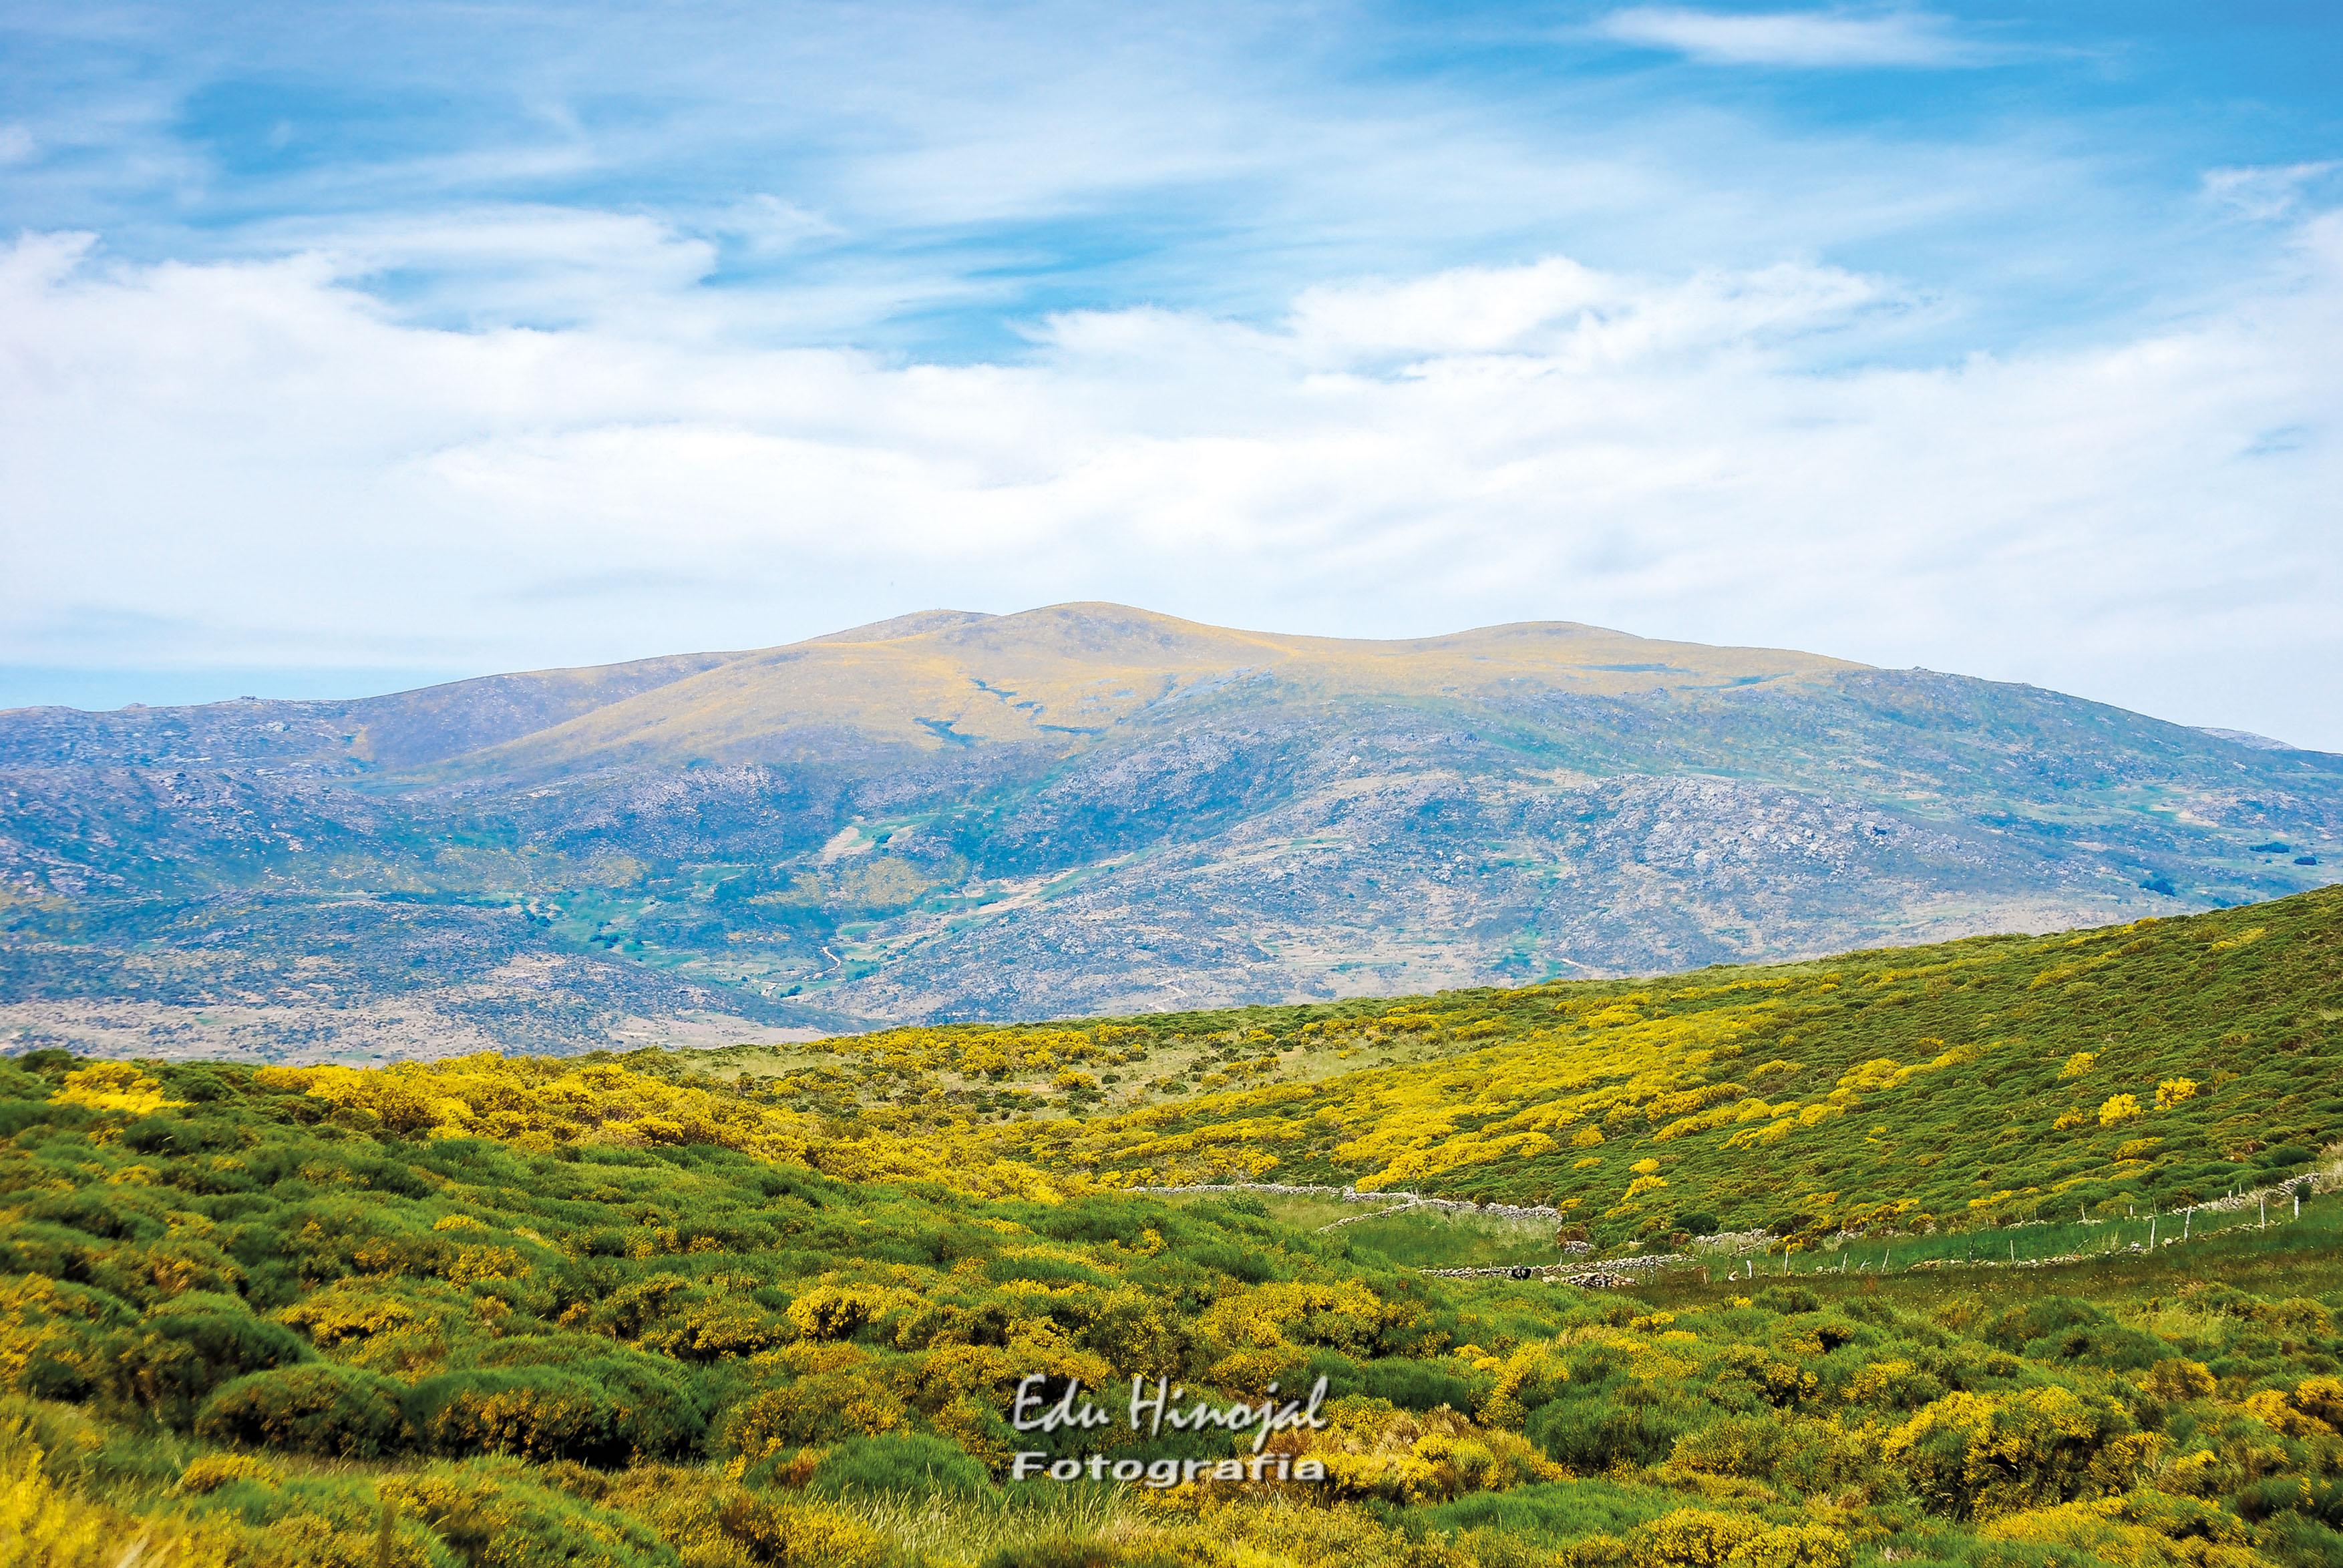 Piornos en flor Sierra de Gredos